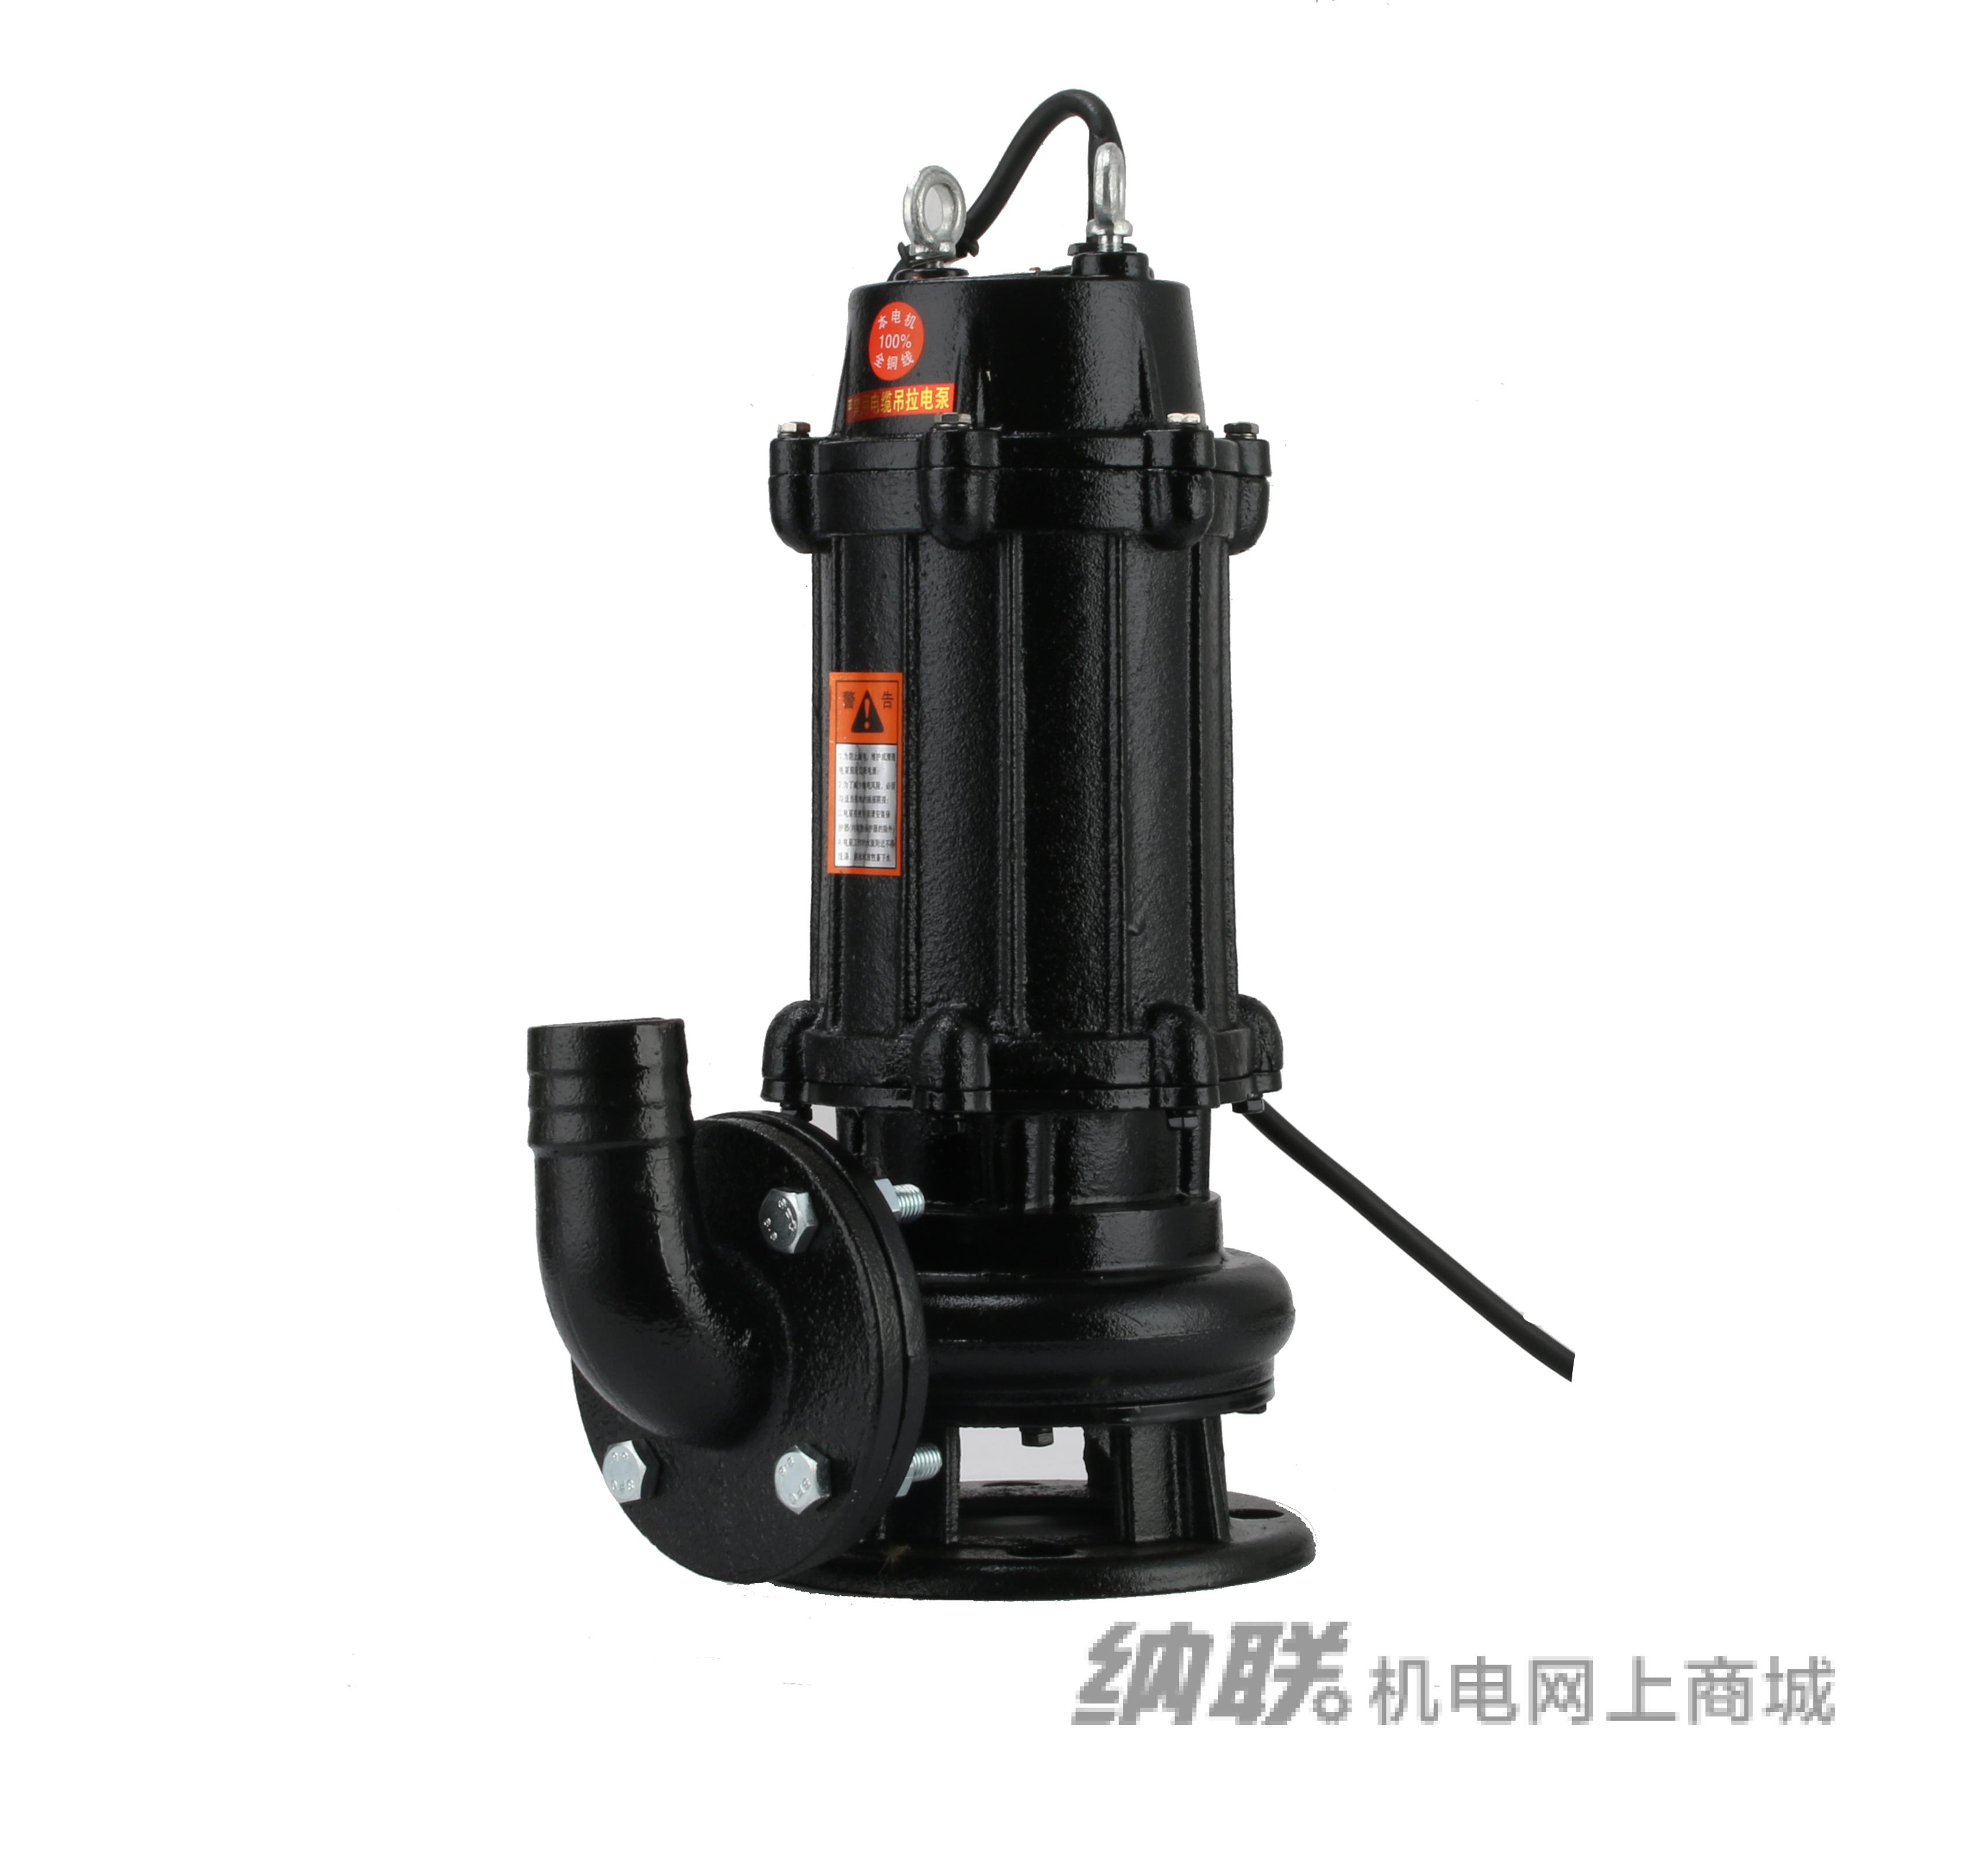 纳联机电 污水泵-150WQ100-10-7.5